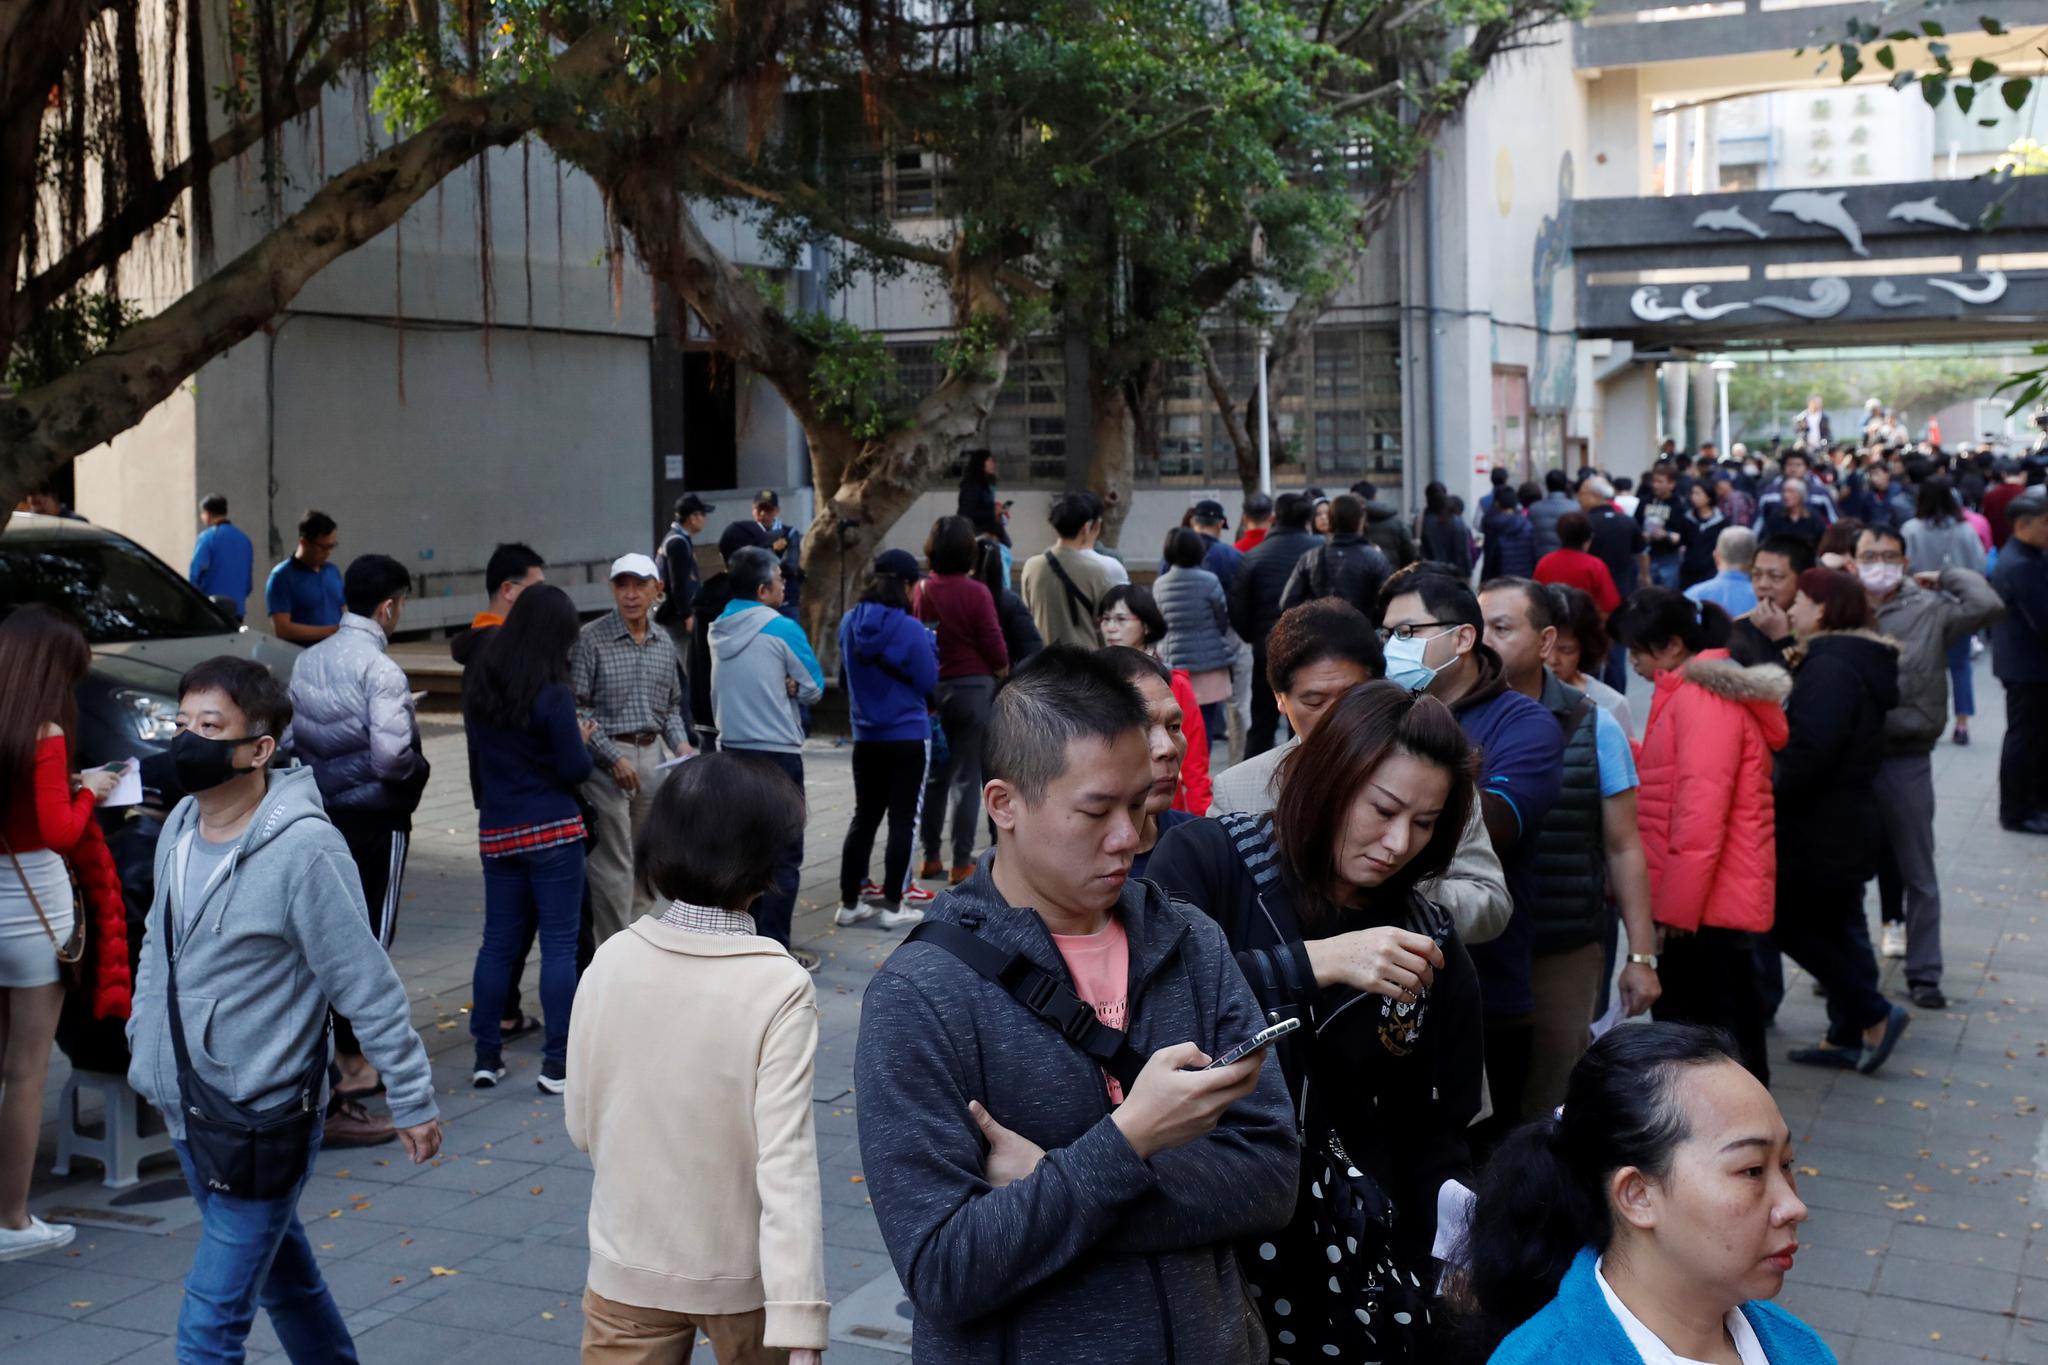 대만 차기 총통을 선출하는 투표가 실시된 11일(현지시간) 타이페이의 한 투표소에서 시민들이 투표를 하기 위해 길게 줄지어 서 있다. [로이터=연합뉴스]